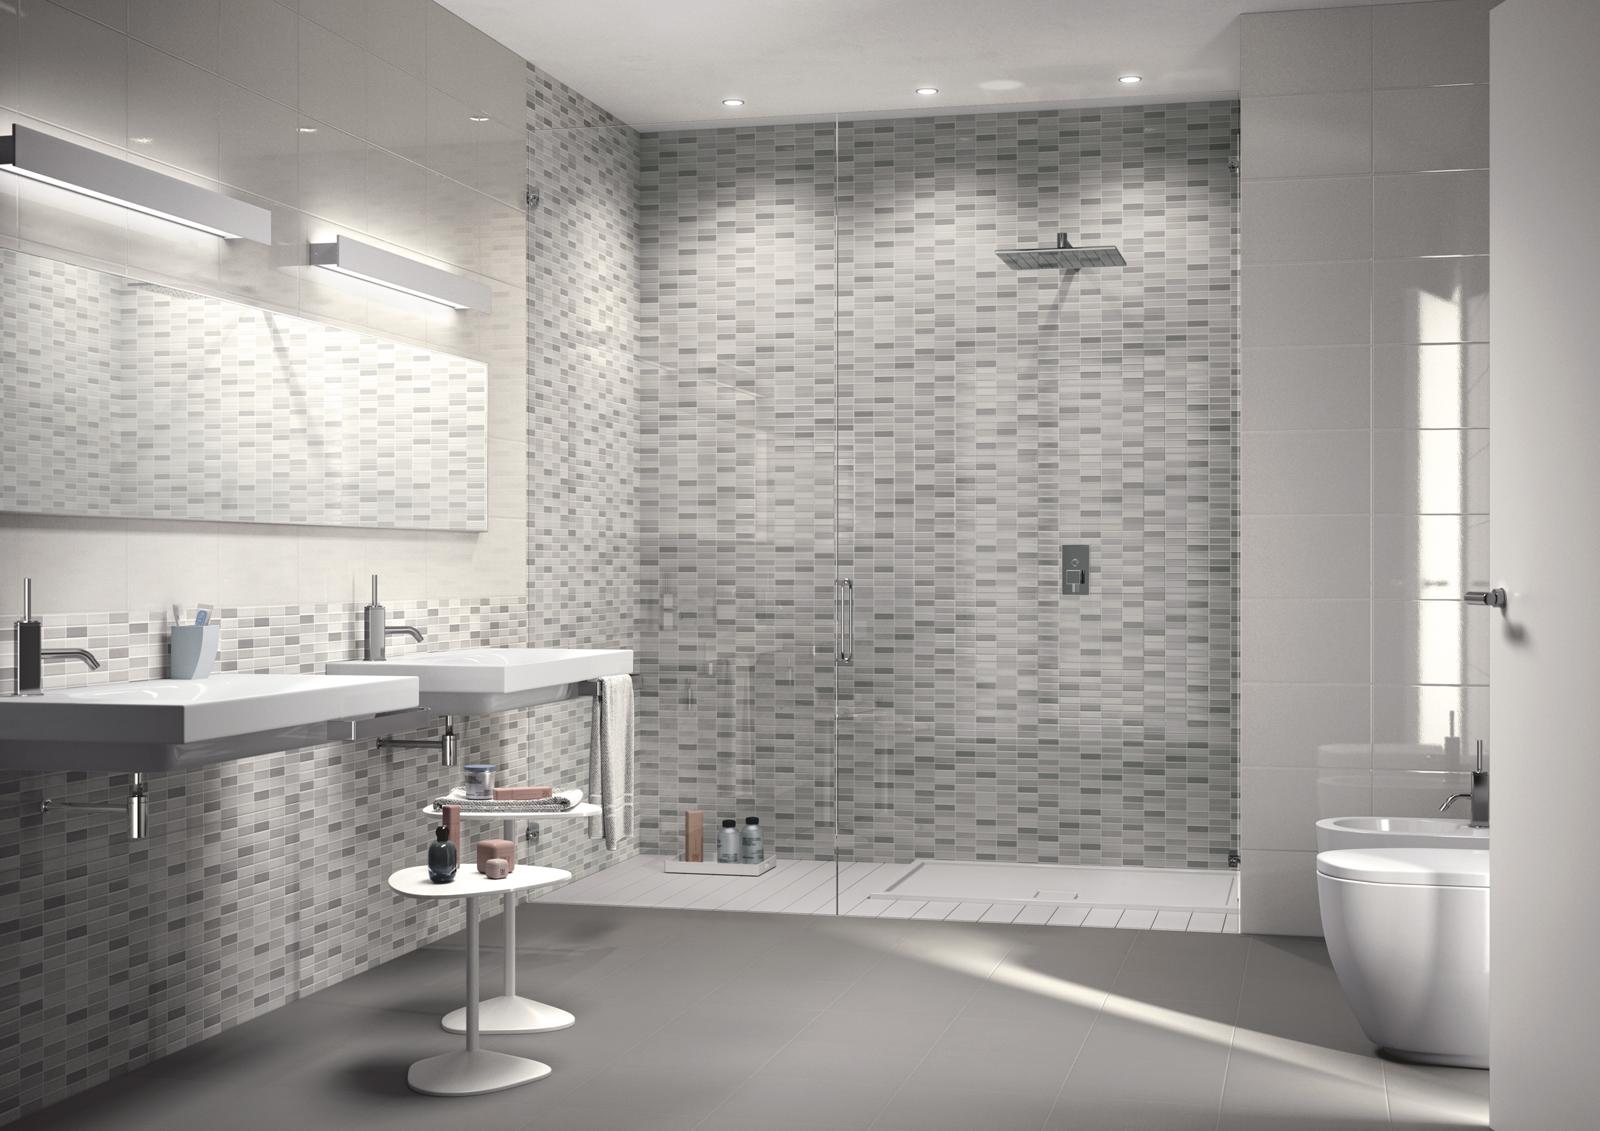 Bagni design sokolvineyard.com